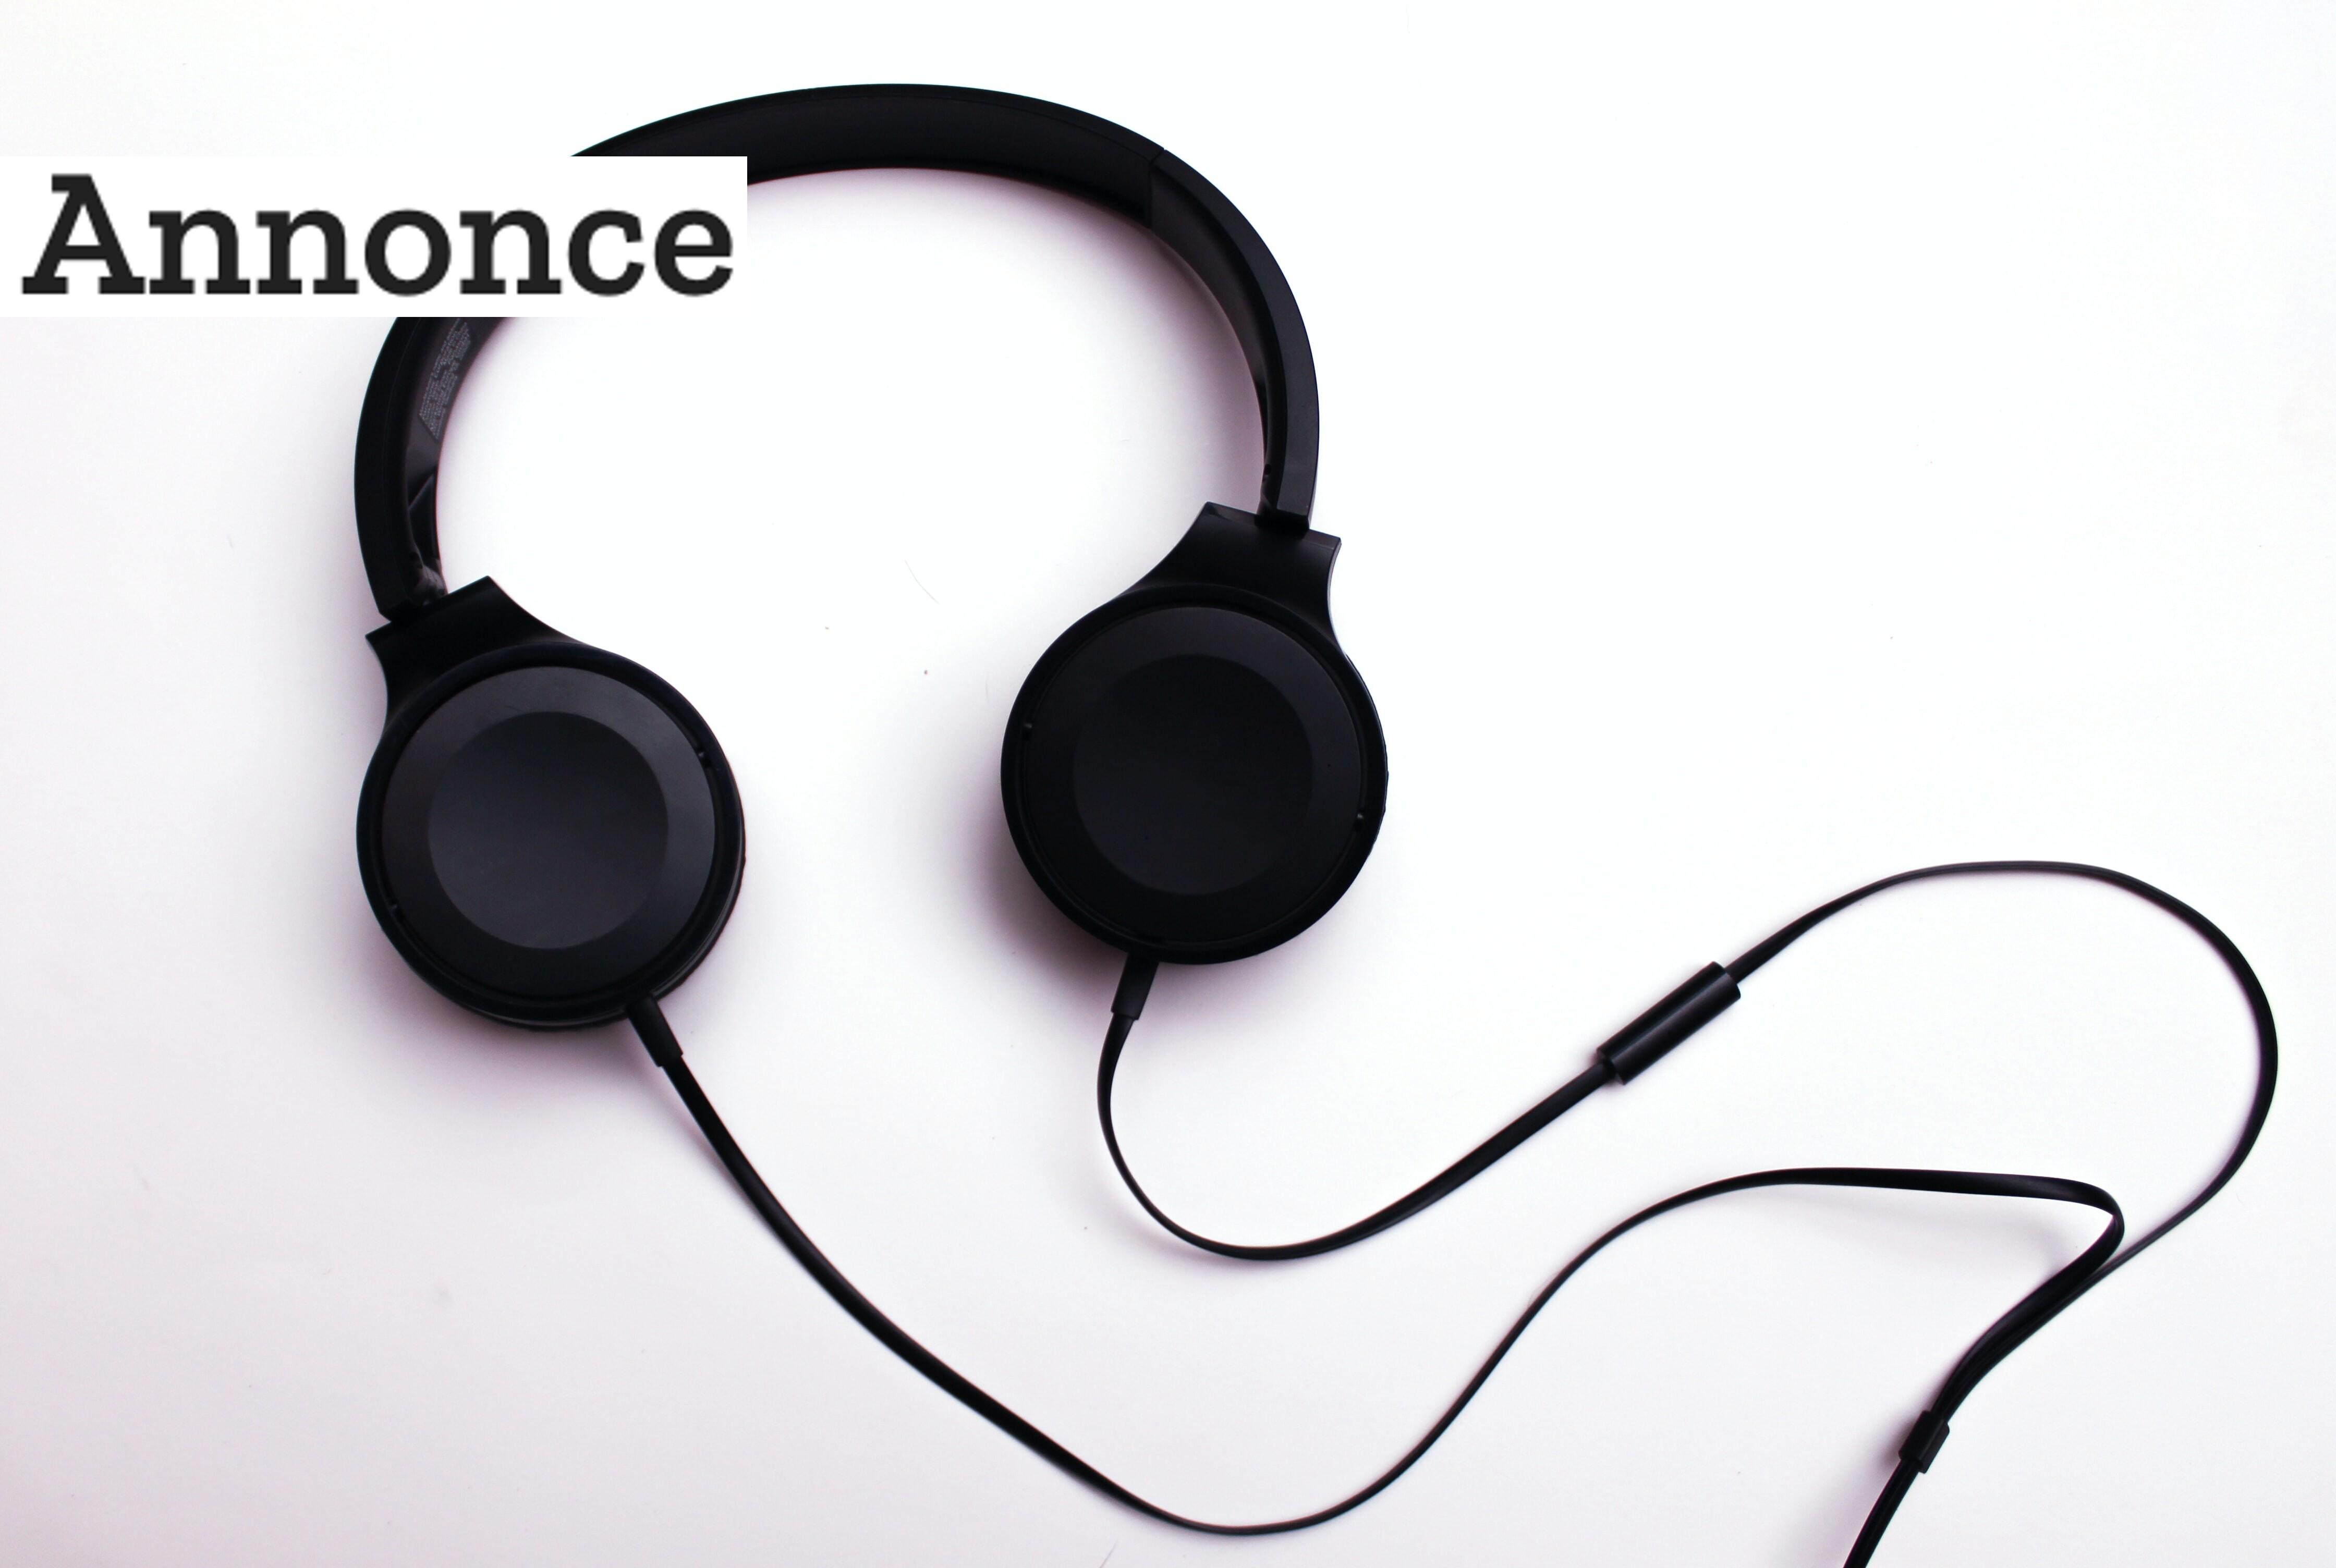 Jabra headset – kendt for kvalitet og god lyd